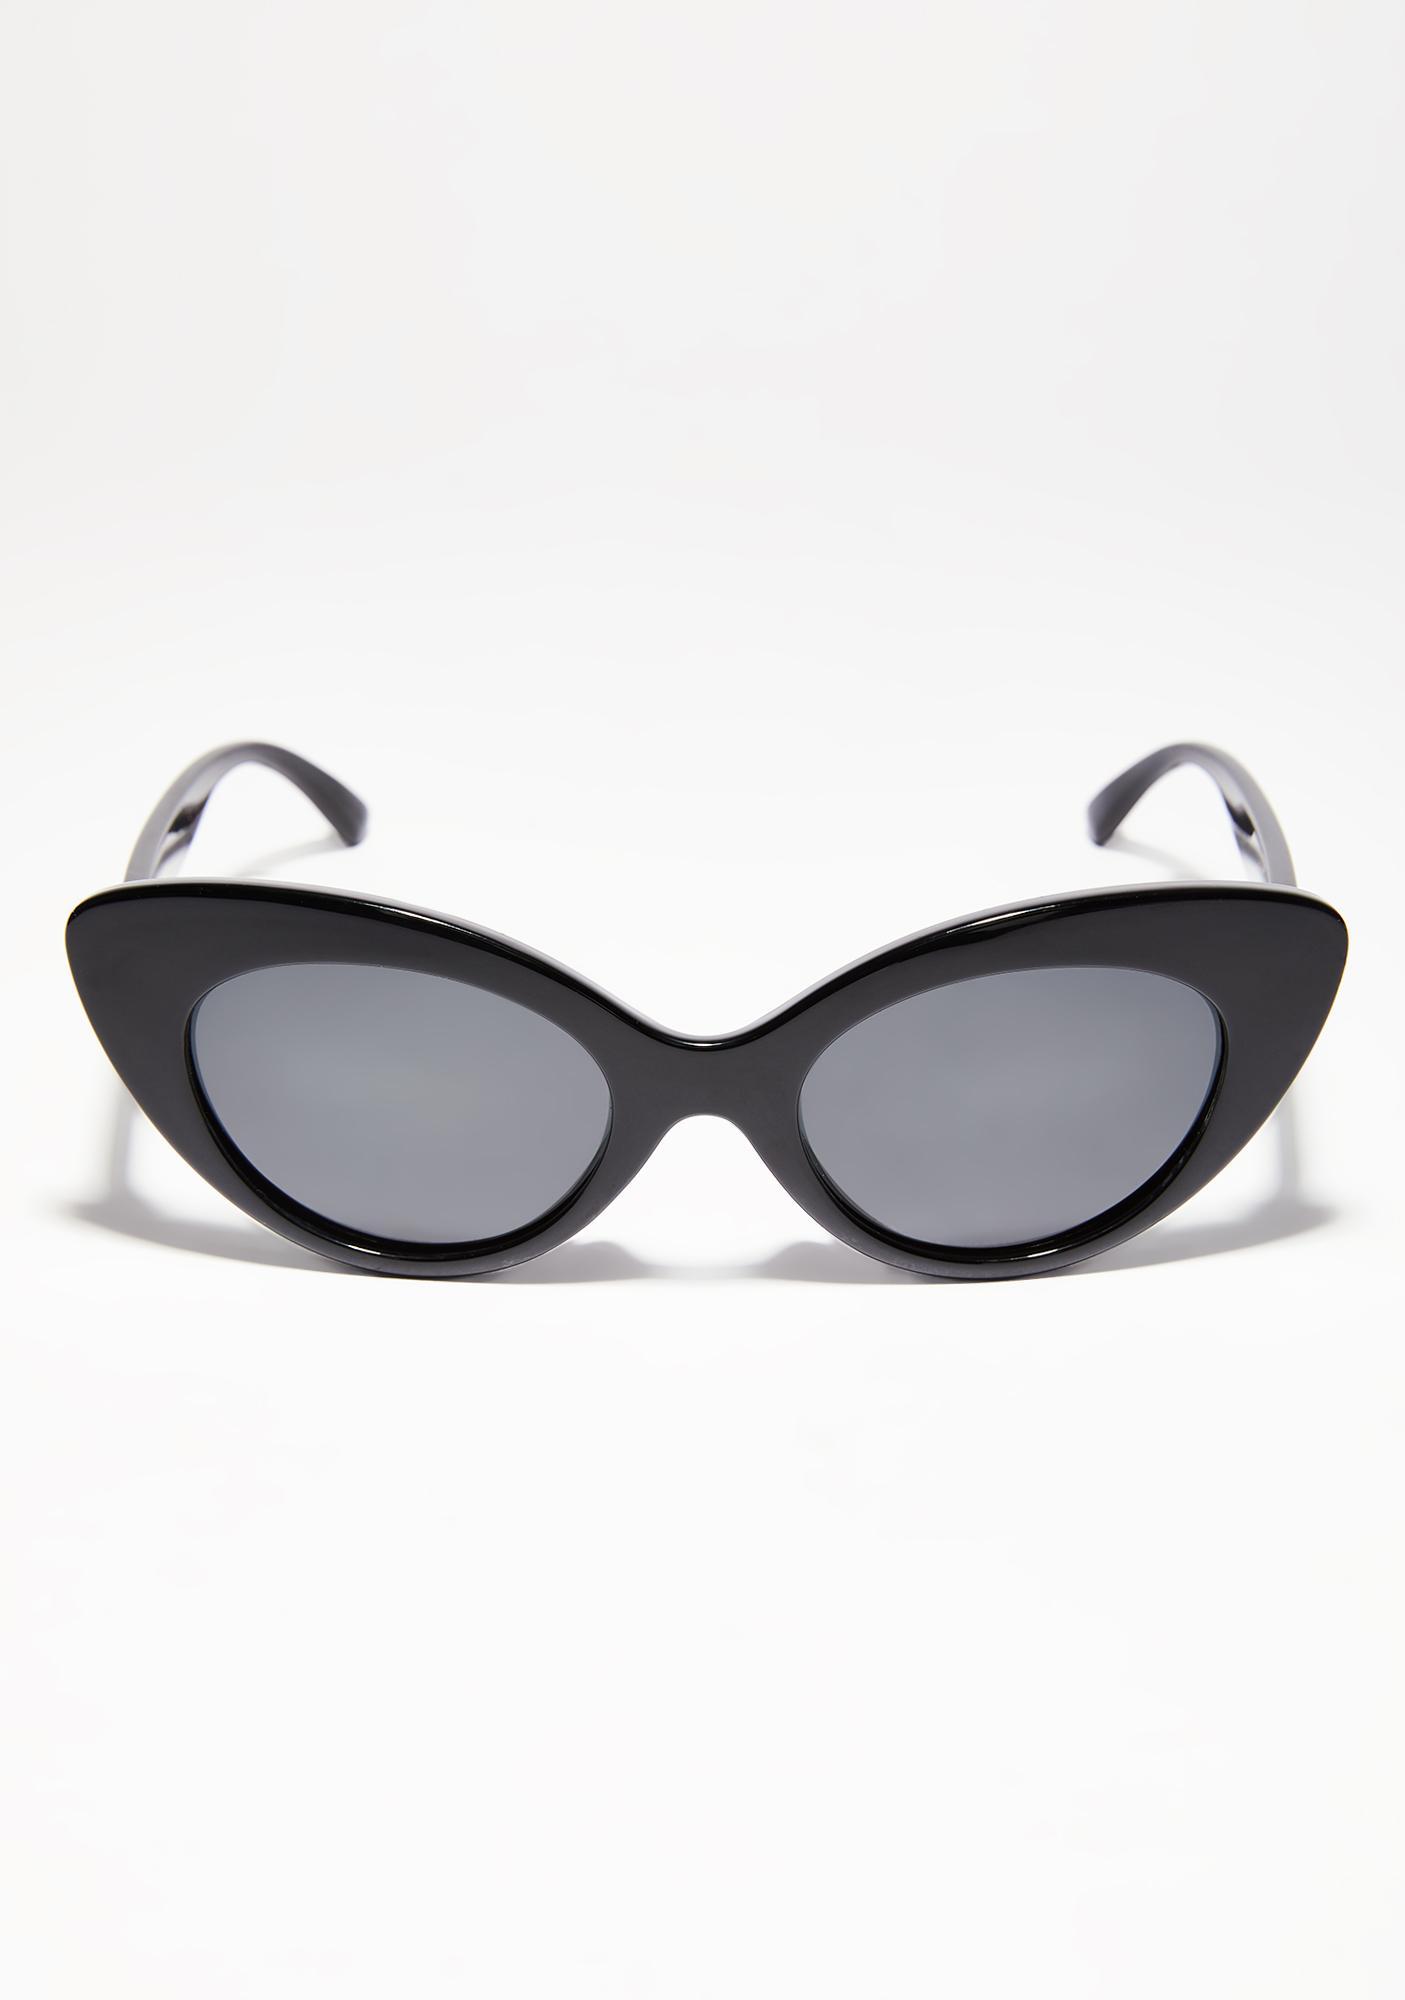 Crap Eyewear The Wild Gift Gloss Black Sunglasses